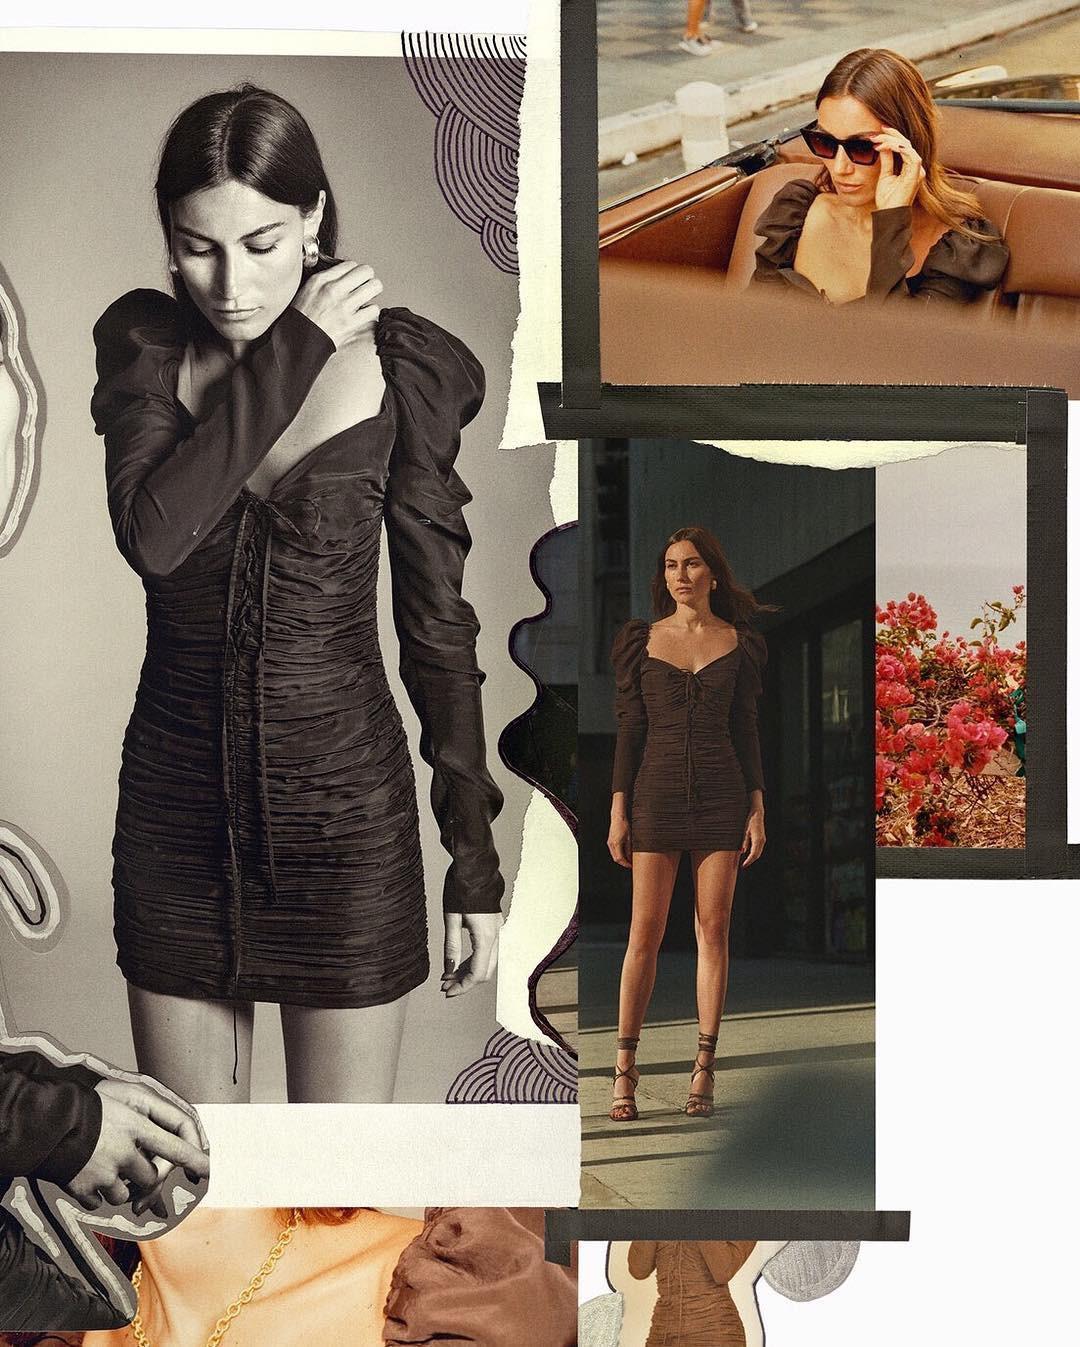 Chiếc váy Zara đang lăm le gây sốt: người thích rối rít, kẻ ghét cay ghét đắng - Ảnh 1.